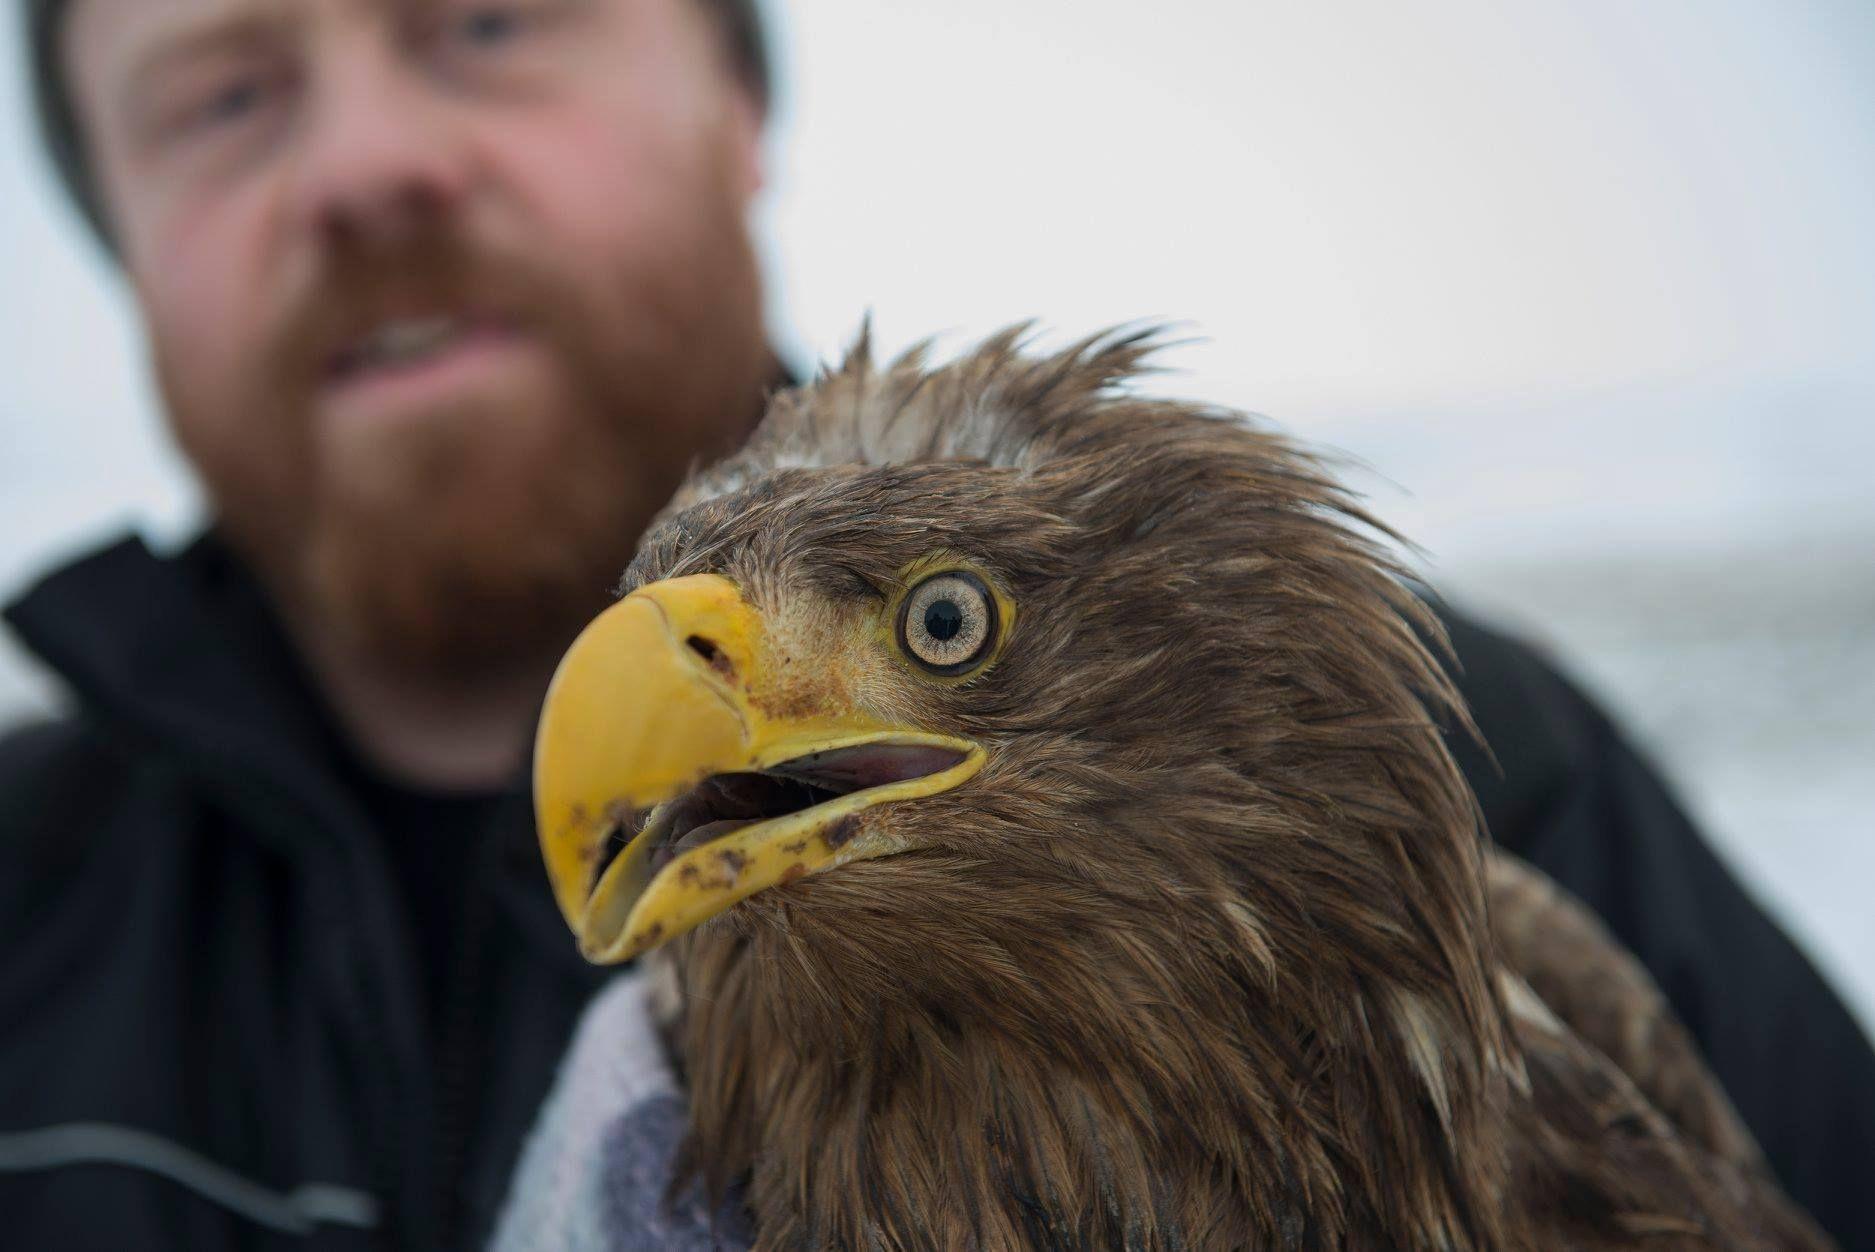 Farmer Saves OldestKnown Living Icelandic Sea Eagle Sea